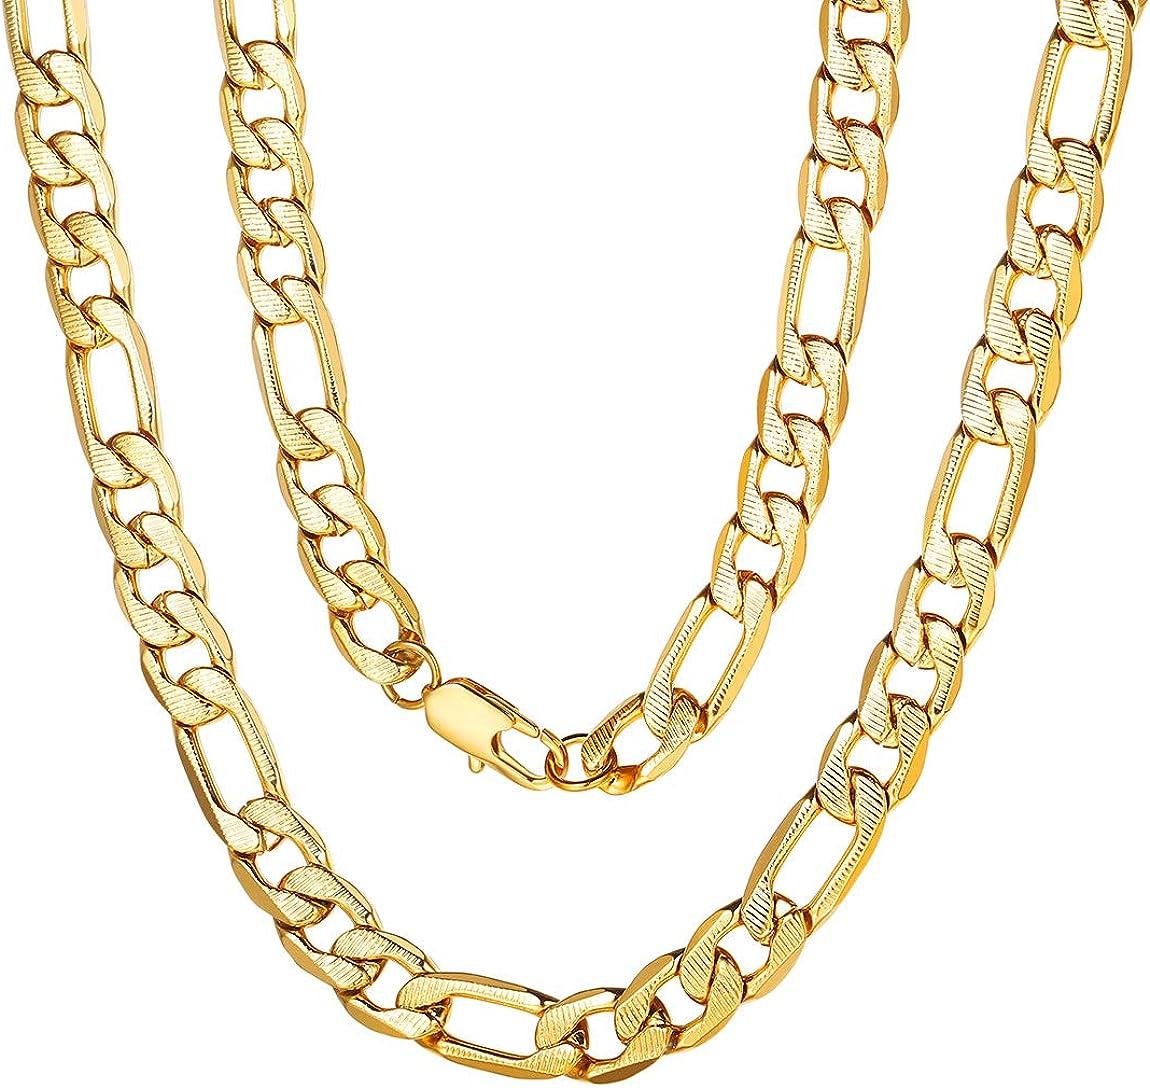 ChainsPro 6/7.5/9 MM Collar Fígaro 3:1, Cadena de Hombre y Mujer De Acero Inoxidable Dorado/Plateado/Negro, Joyería de Moda, 46-76CM/18-30 Pulgadas (Ofrecer Servicio Grabado)